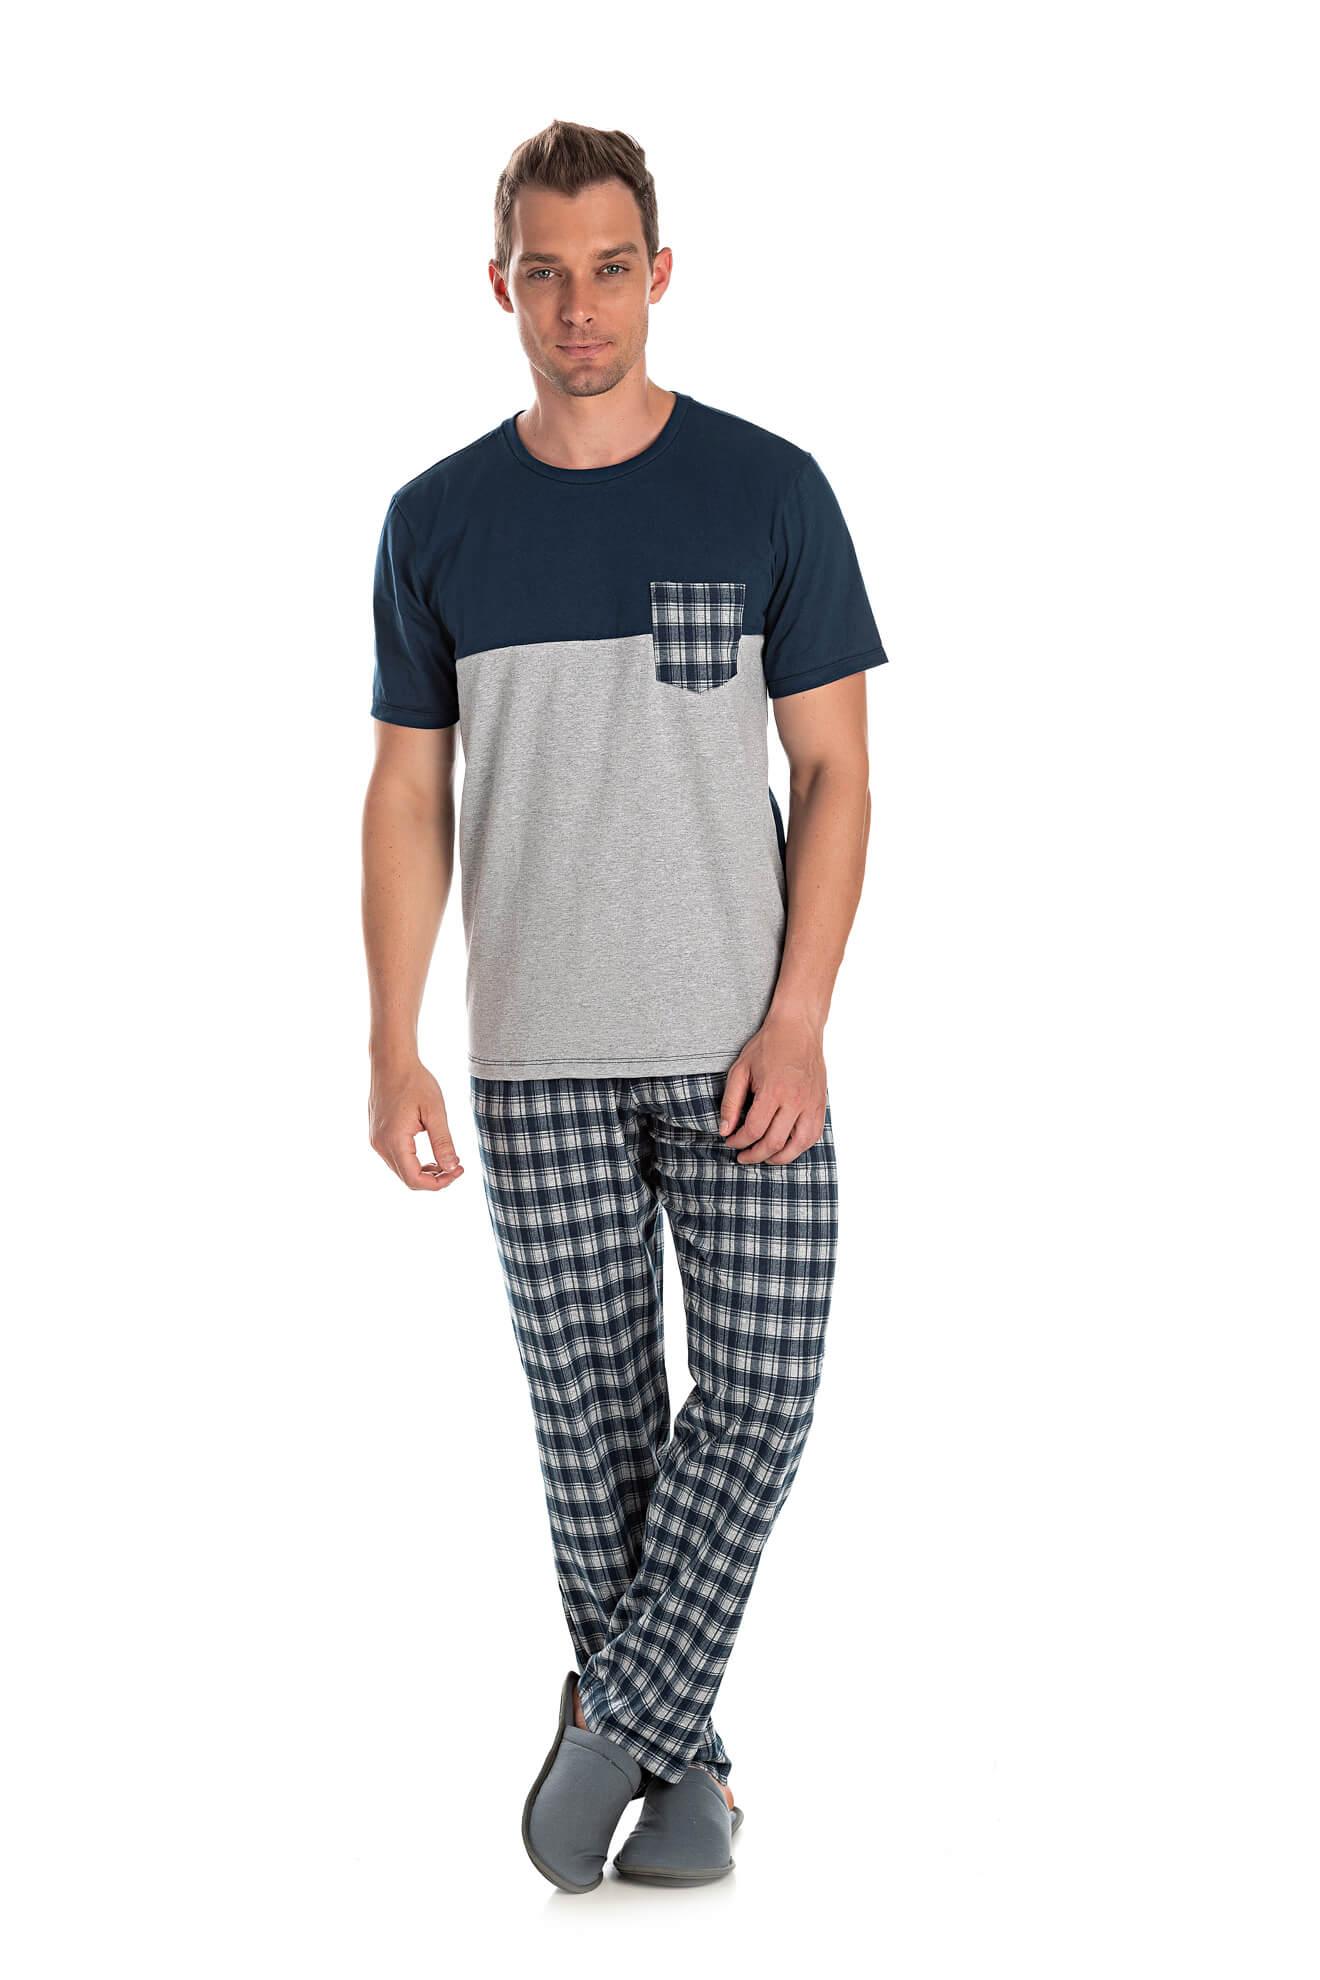 005/C - Pijama Adulto Masculino Camisa Meia Estação Xadrez